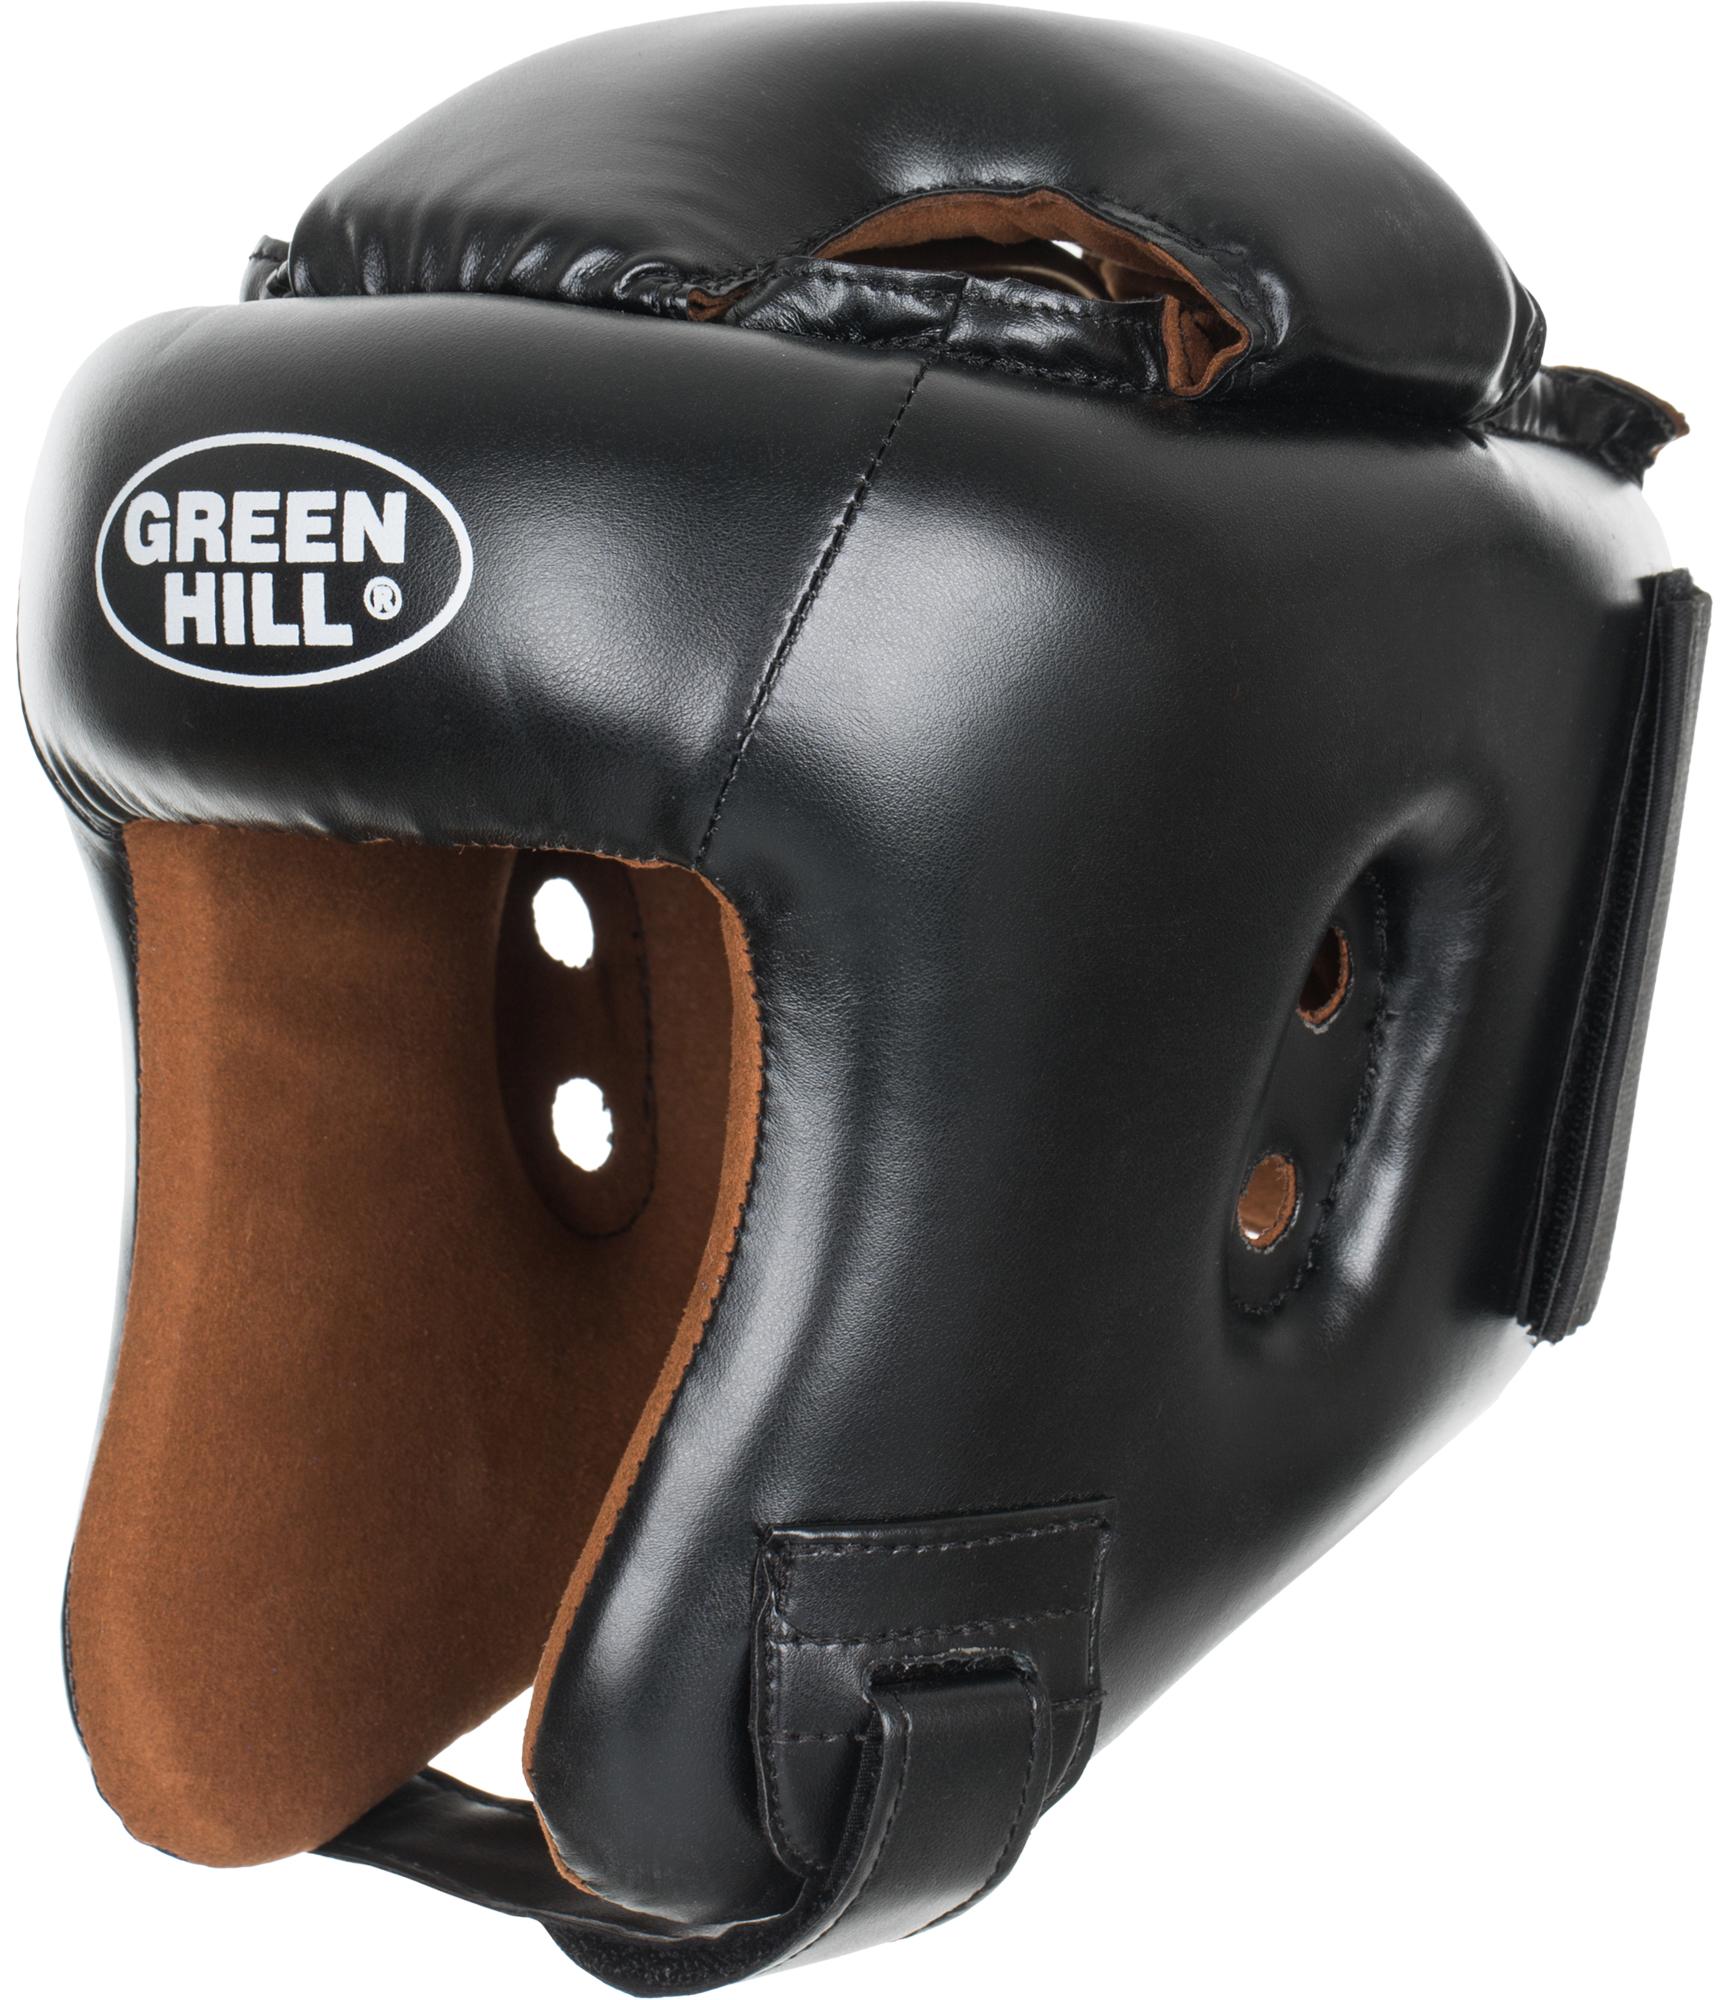 Green Hill Шлем Green Hill Headgear